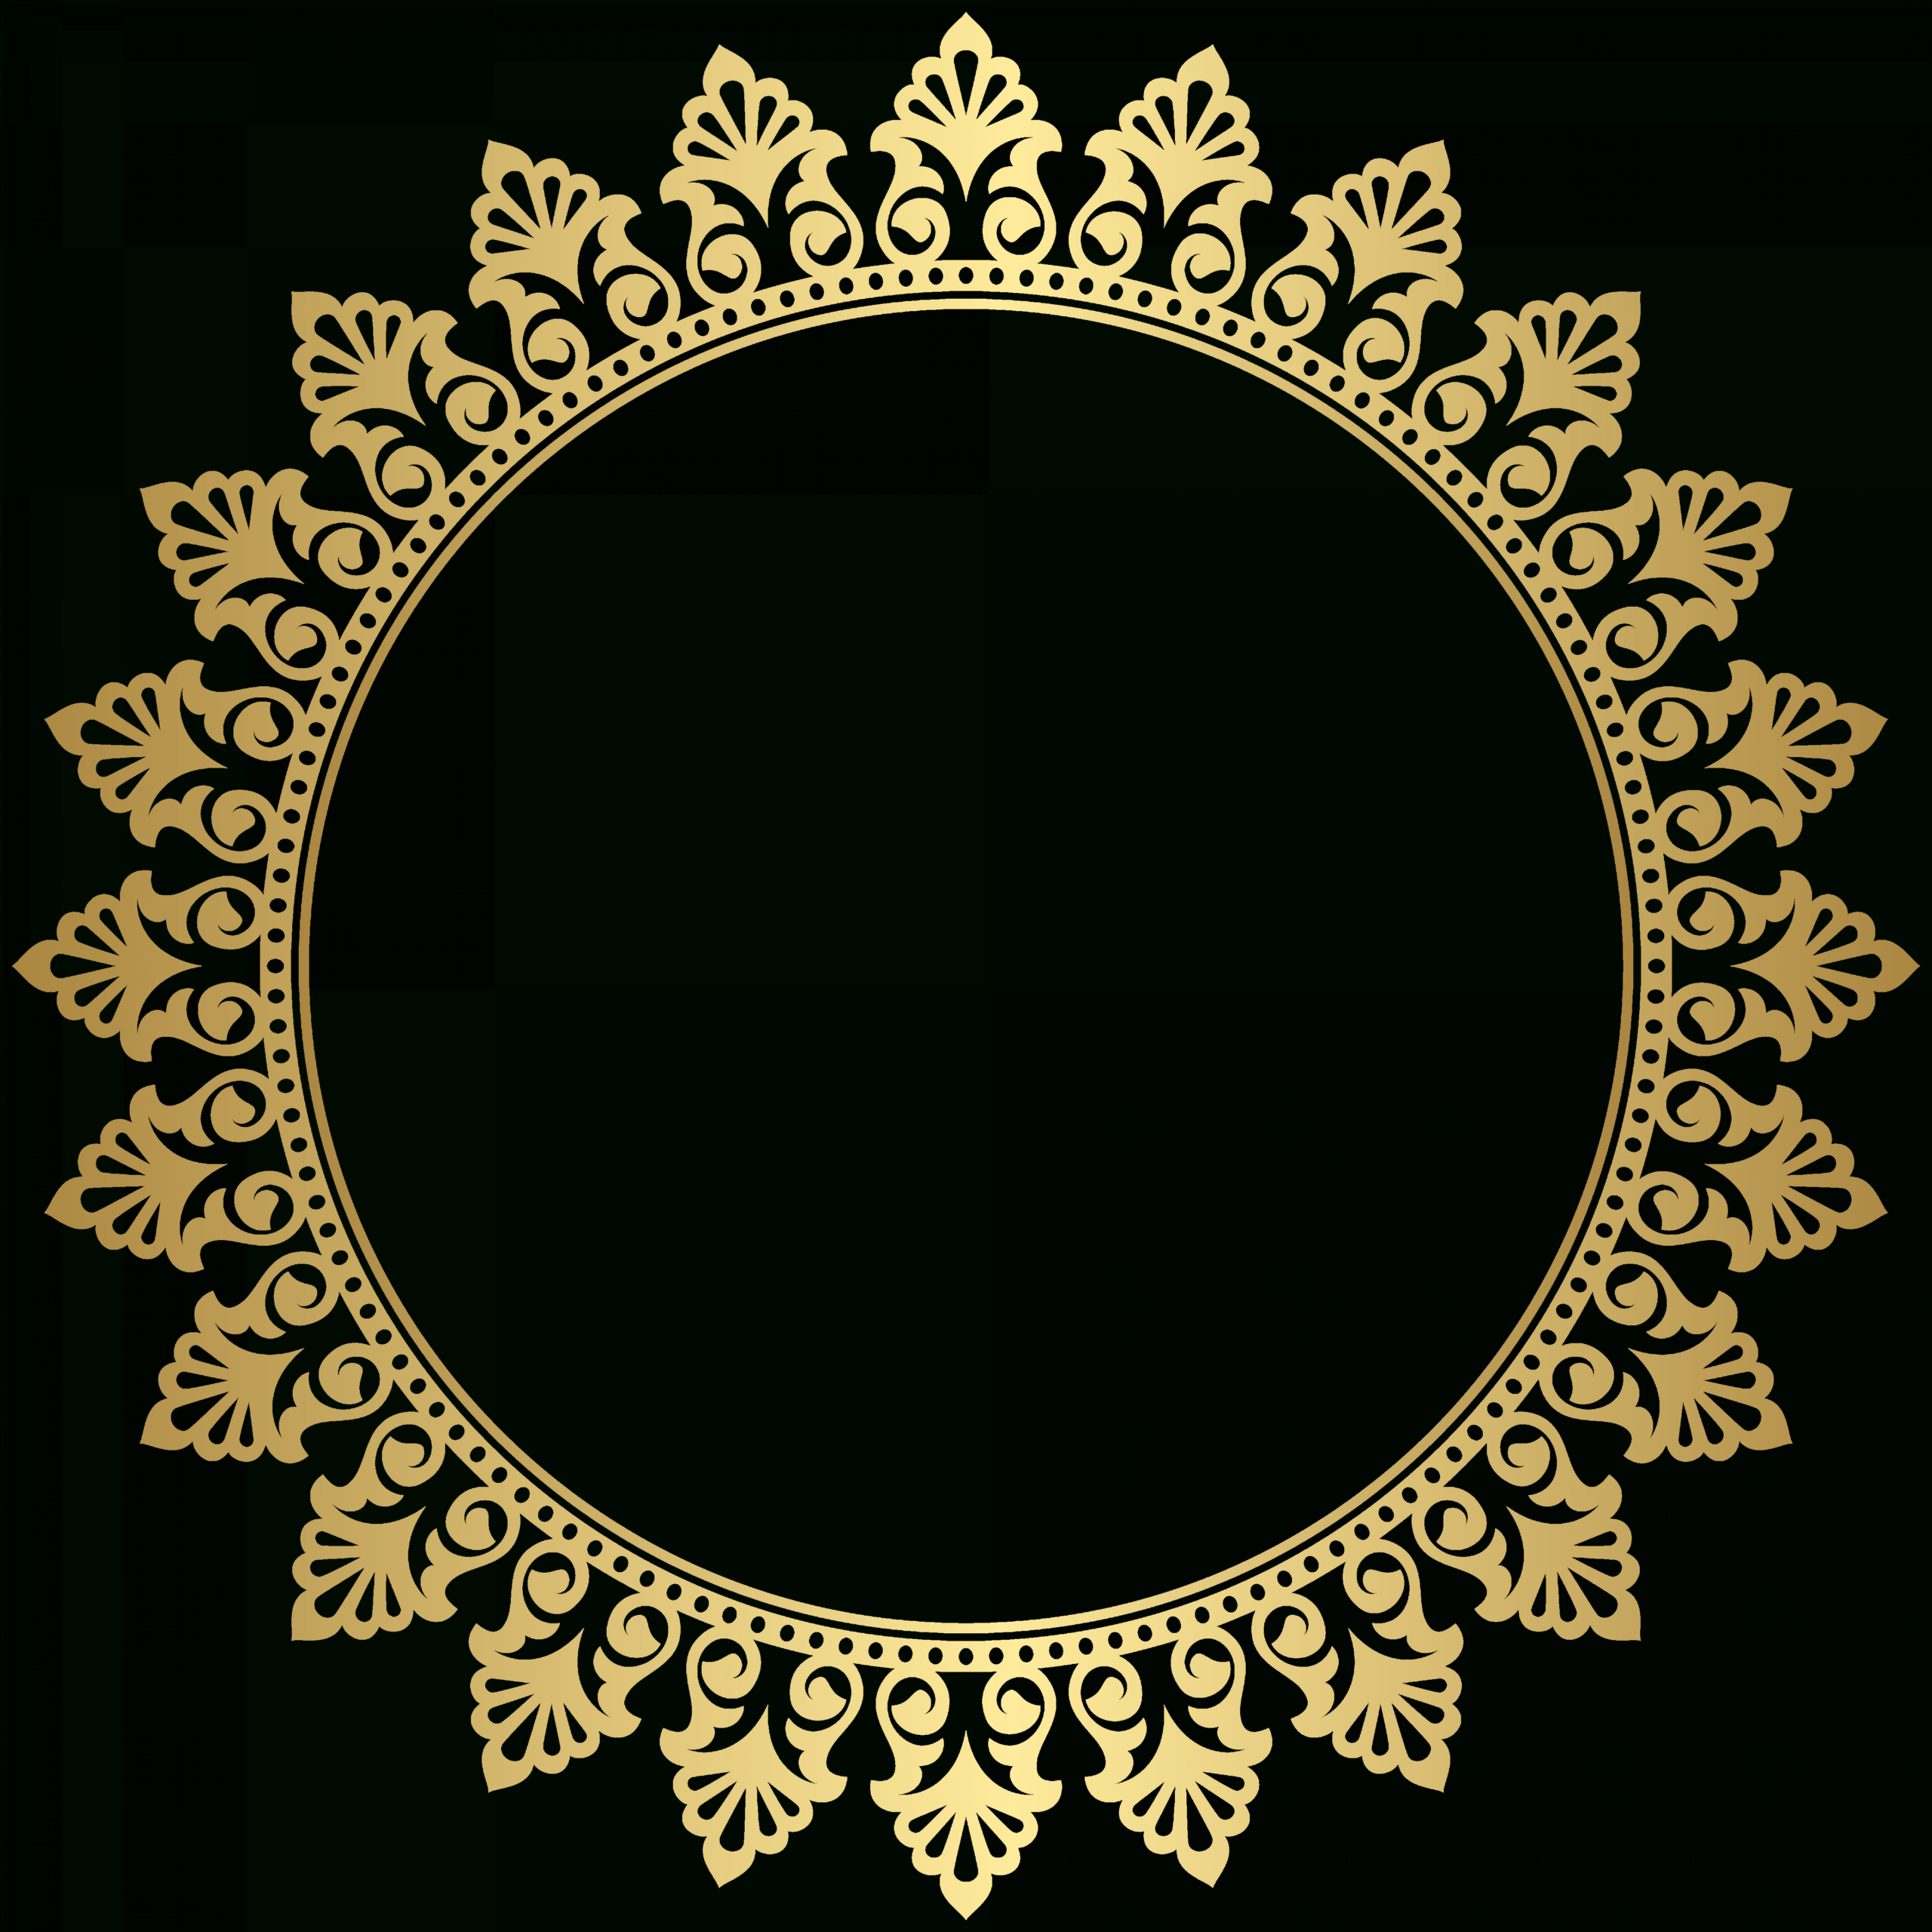 17 Circle Frame Png Circle Frames Circle Frames Clipart Gold Circle Frames